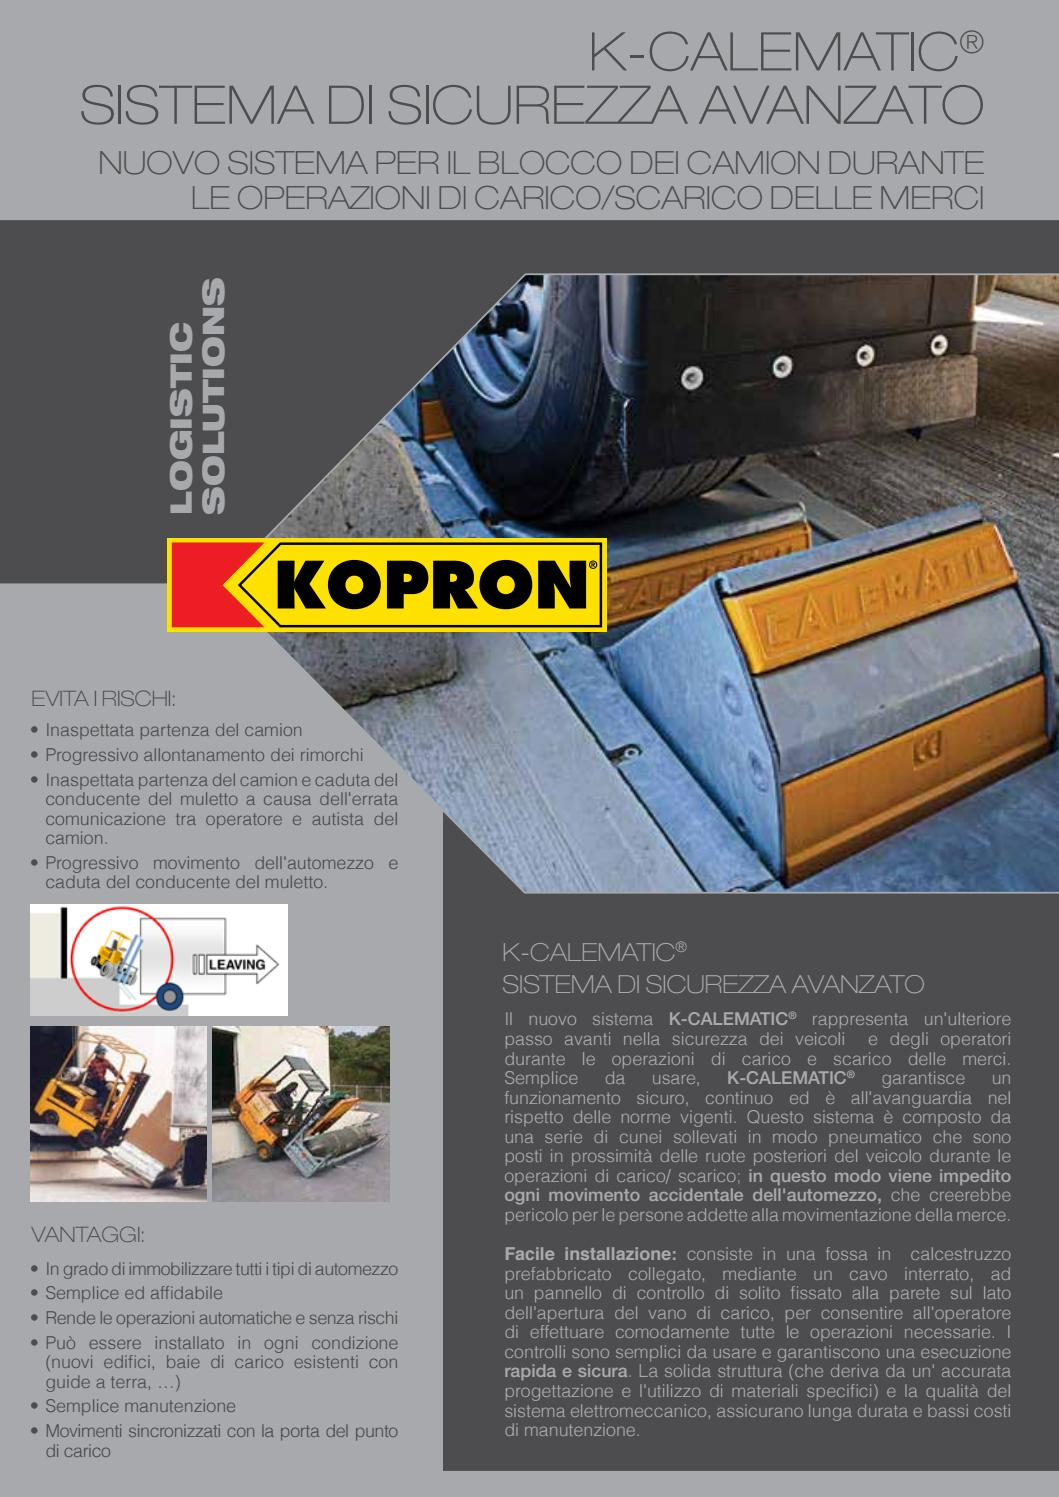 Automazione E Sicurezza Gorgonzola k-calematic - sistemi di sicurezza per banchine di carico by